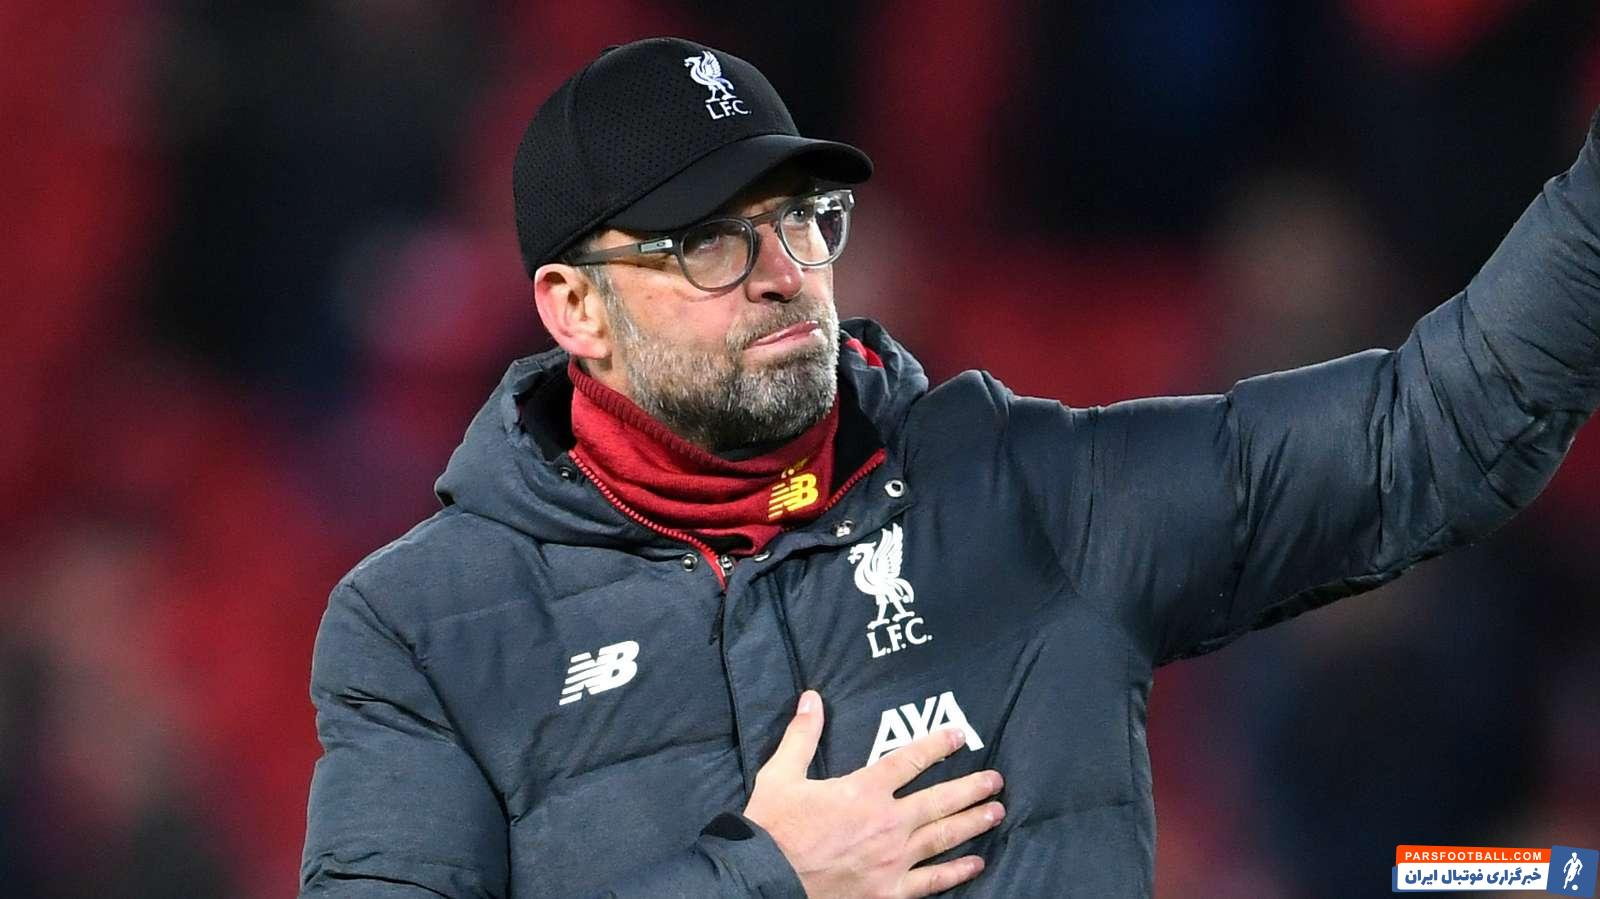 یورگن کلوپ سرمربی آلمانی تیم لیورپول پس از برد تیمش در برابر لسترسیتی به فشردگی بازی ها اعتراض کرد و خواهان تجدید نظر در برنامه رقابت ها شد .